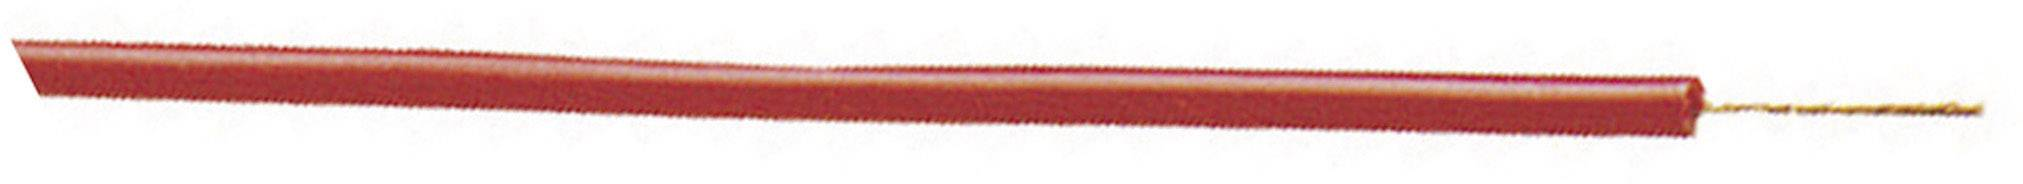 Opletenie / lanko Stäubli 61.7555-10023 SILI-E, 1 x 1.50 mm², vonkajší Ø 3.40 mm, metrový tovar, modrá